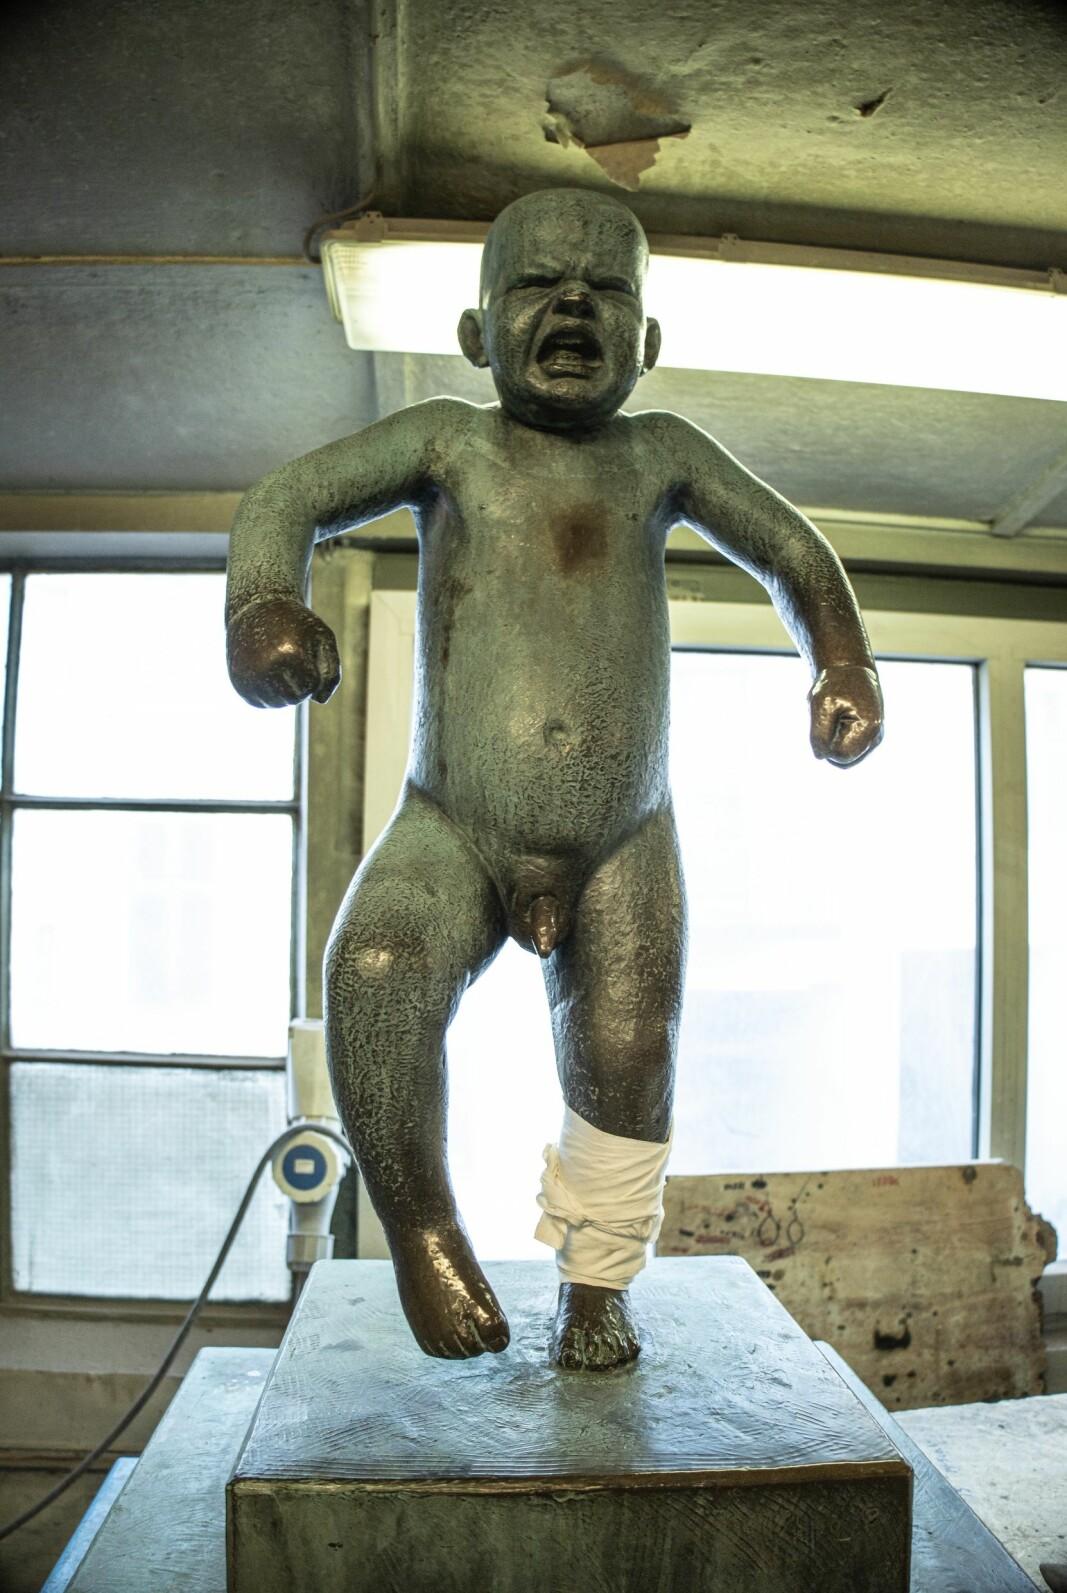 «Sinnataggen» i Vigelandsparken ble midlertidig fjernet etter at noen forsøkte å sage over den ene ankelen på skulpturen. Pasienten er på bedringens vei, opplyser Vigelands-museet.